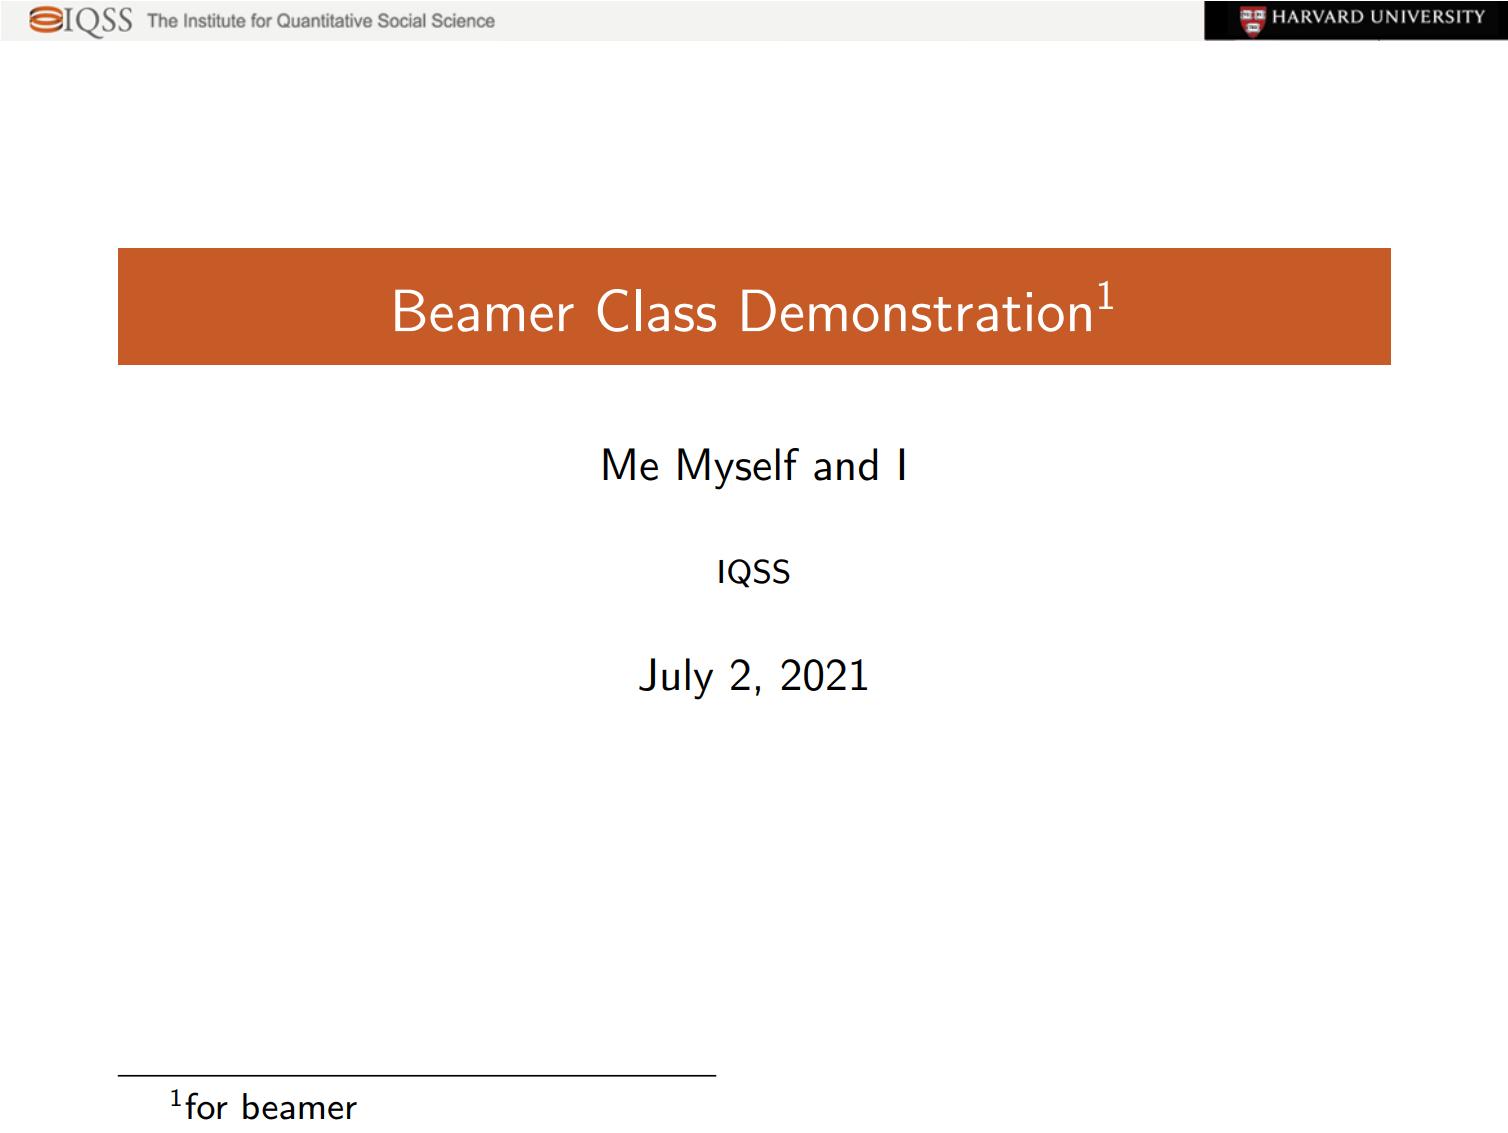 一个橙色简洁 beamer 主题样式排版